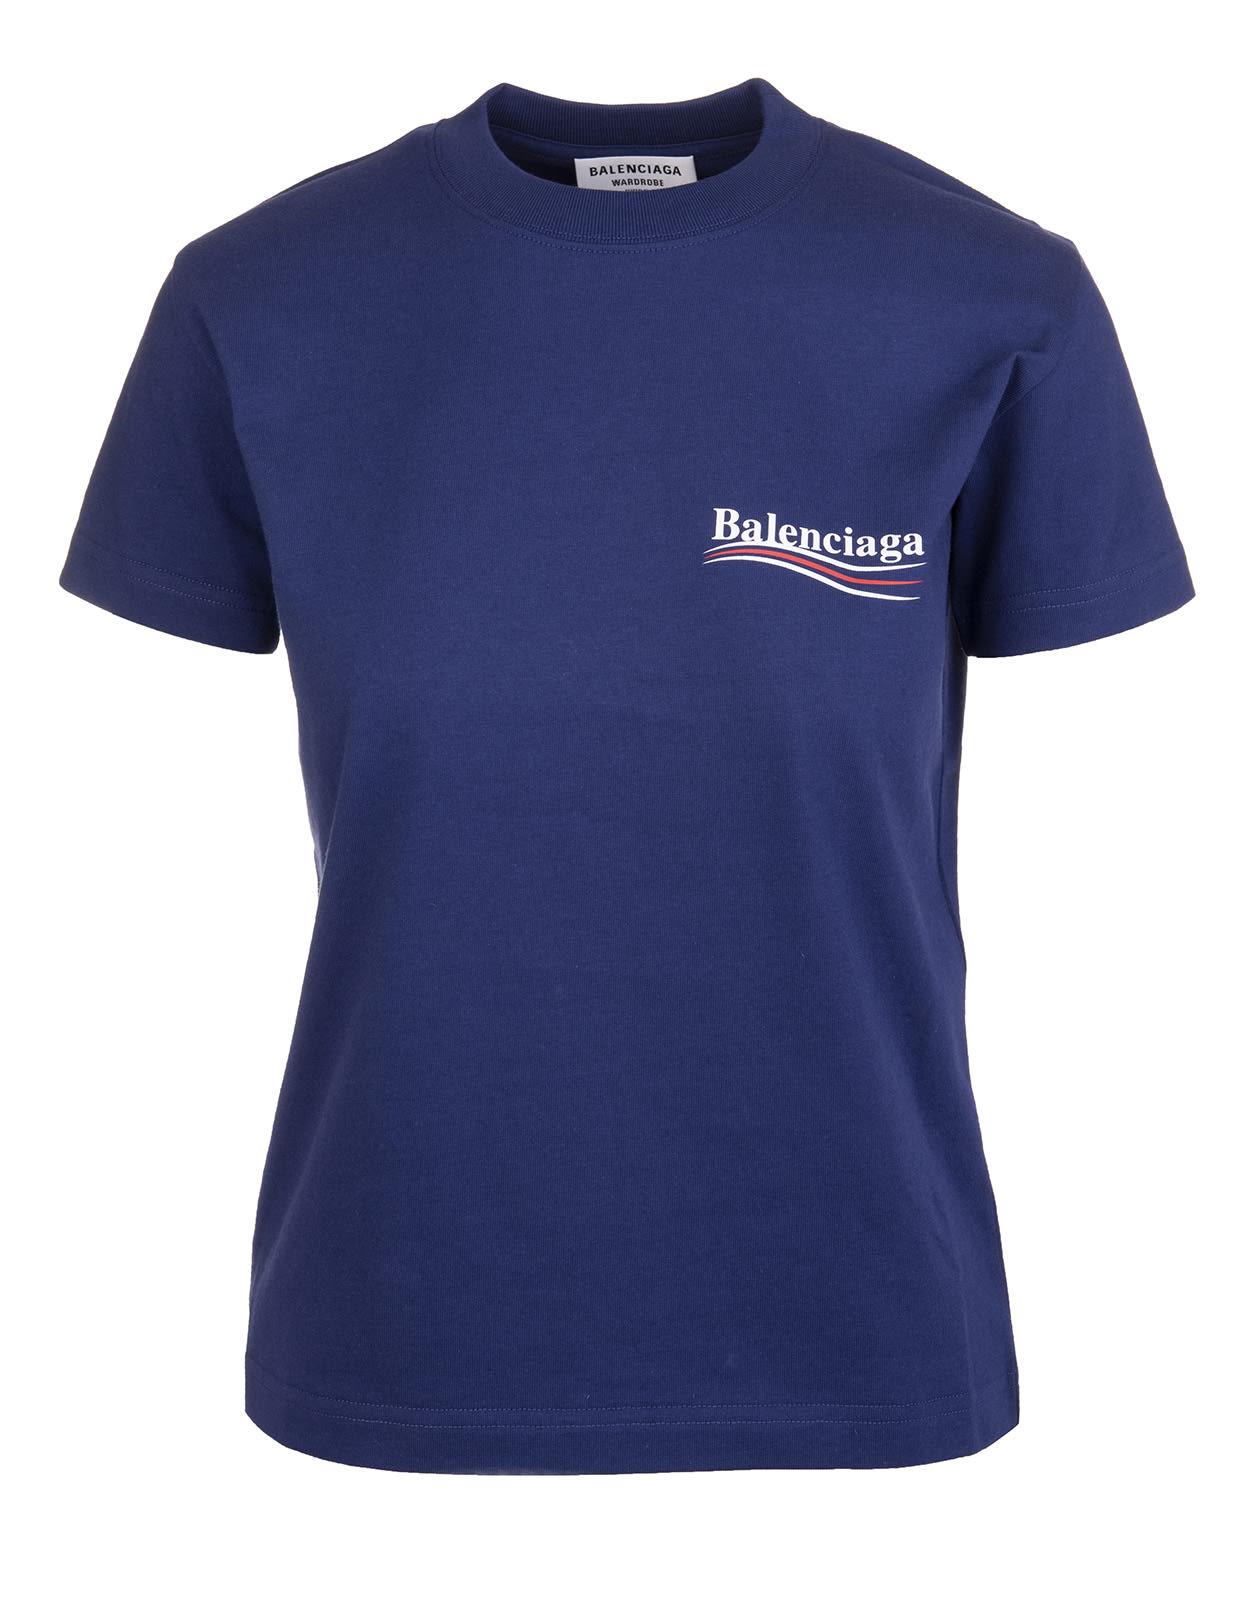 Balenciaga Shirts WOMAN BLUE POLITICAL CAMPAIGN SLIM FIT T-SHIRT